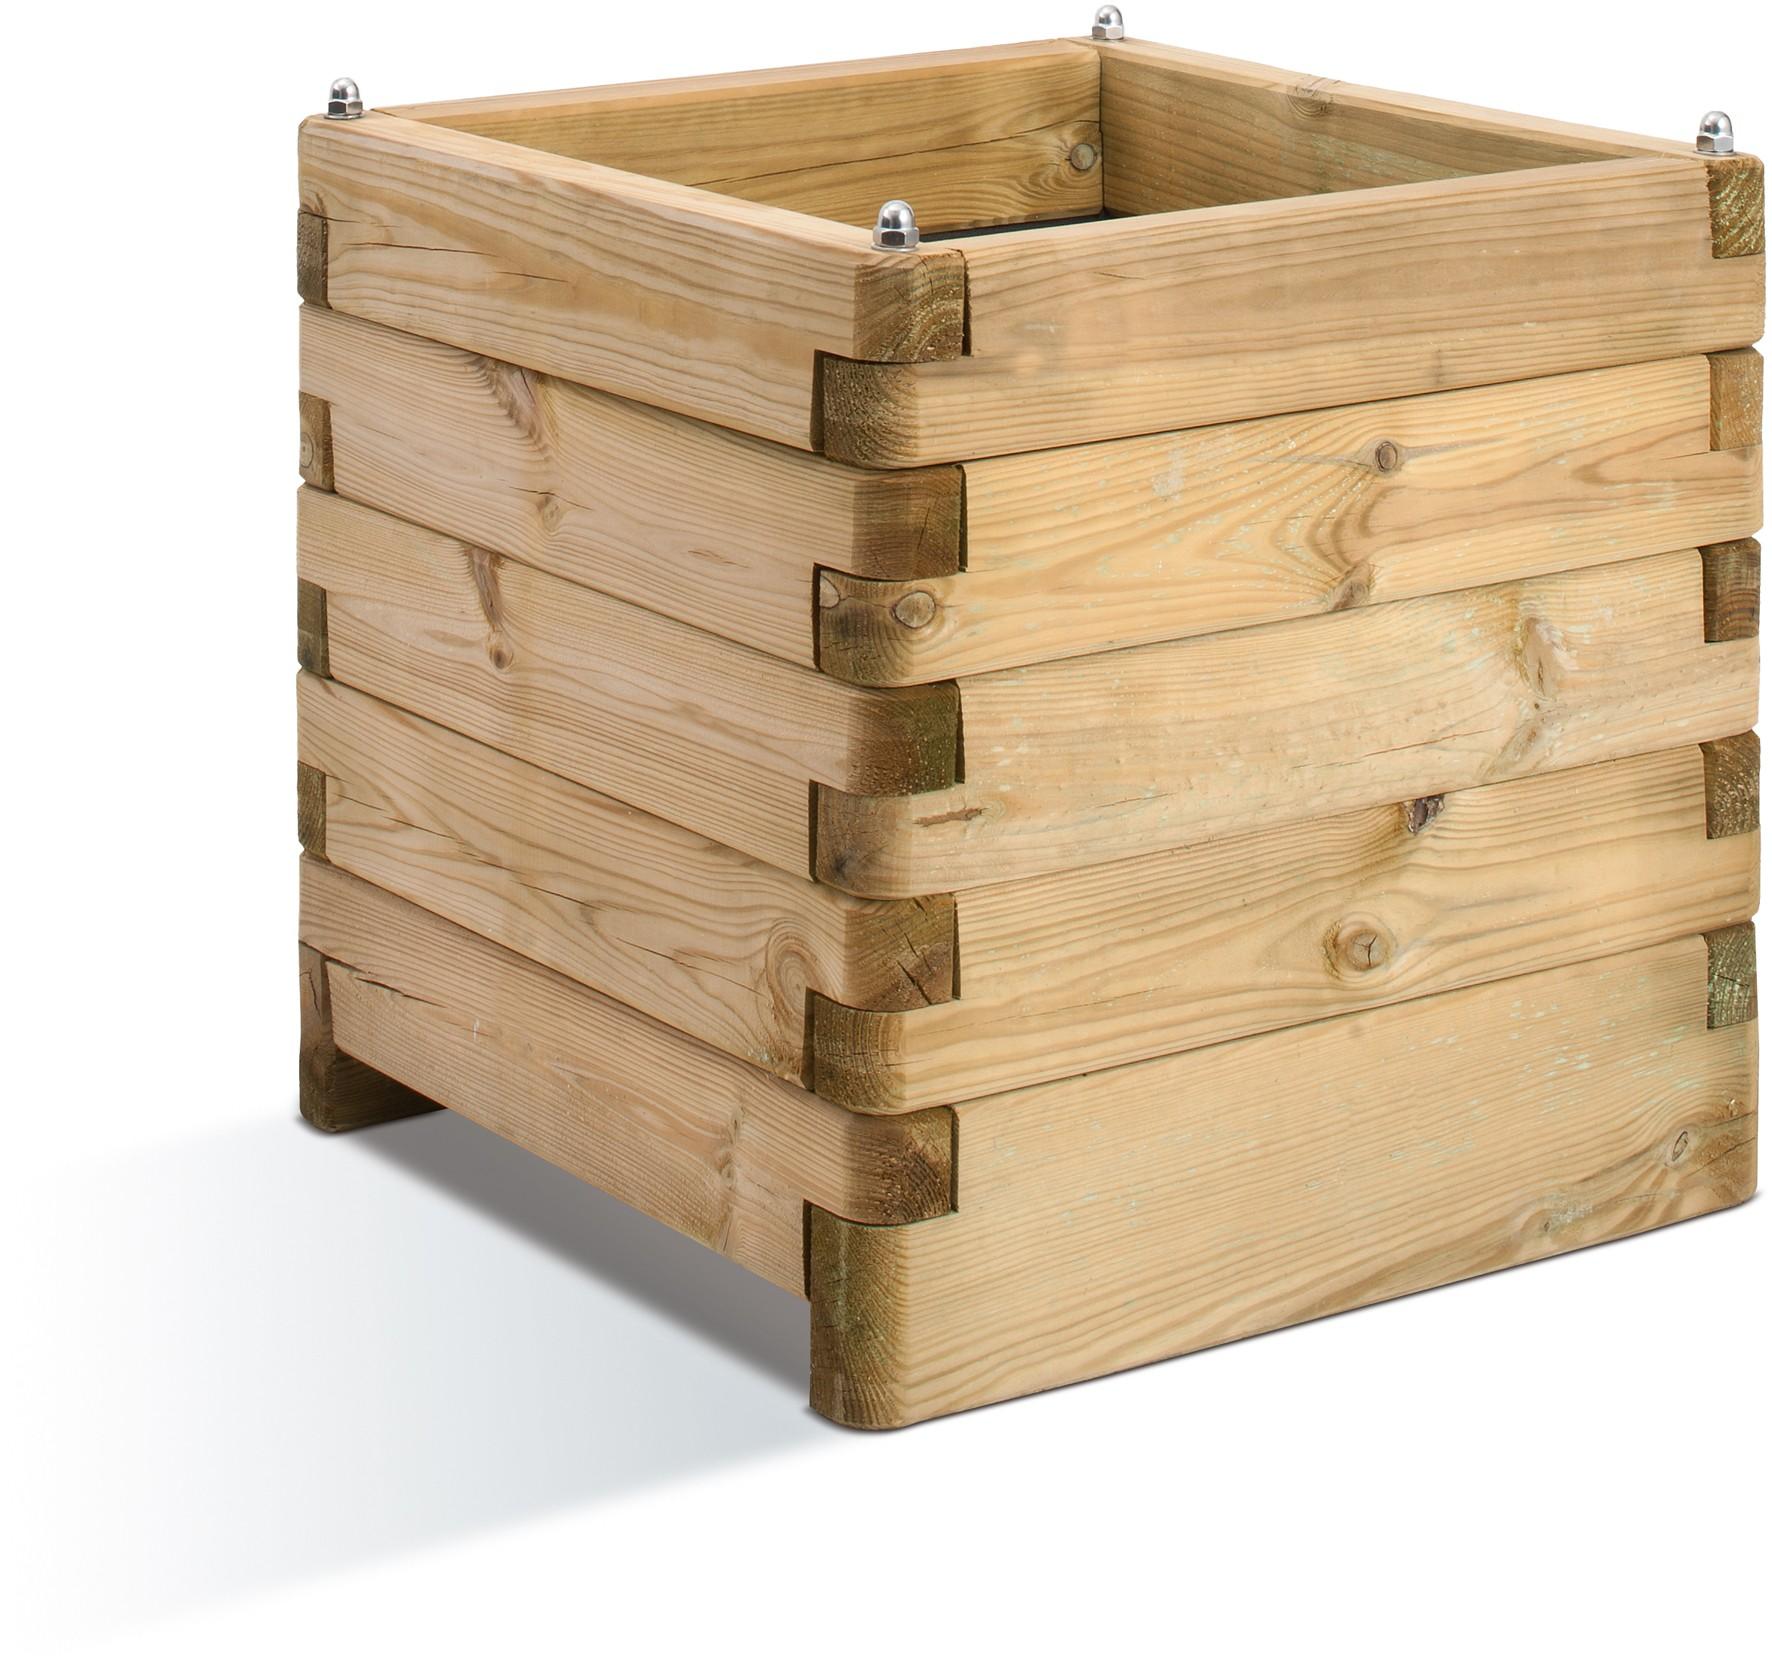 Jardini re en bois carr e ol a 50 x 50 x 50 cm - Jardiniere en bois sur pied ...